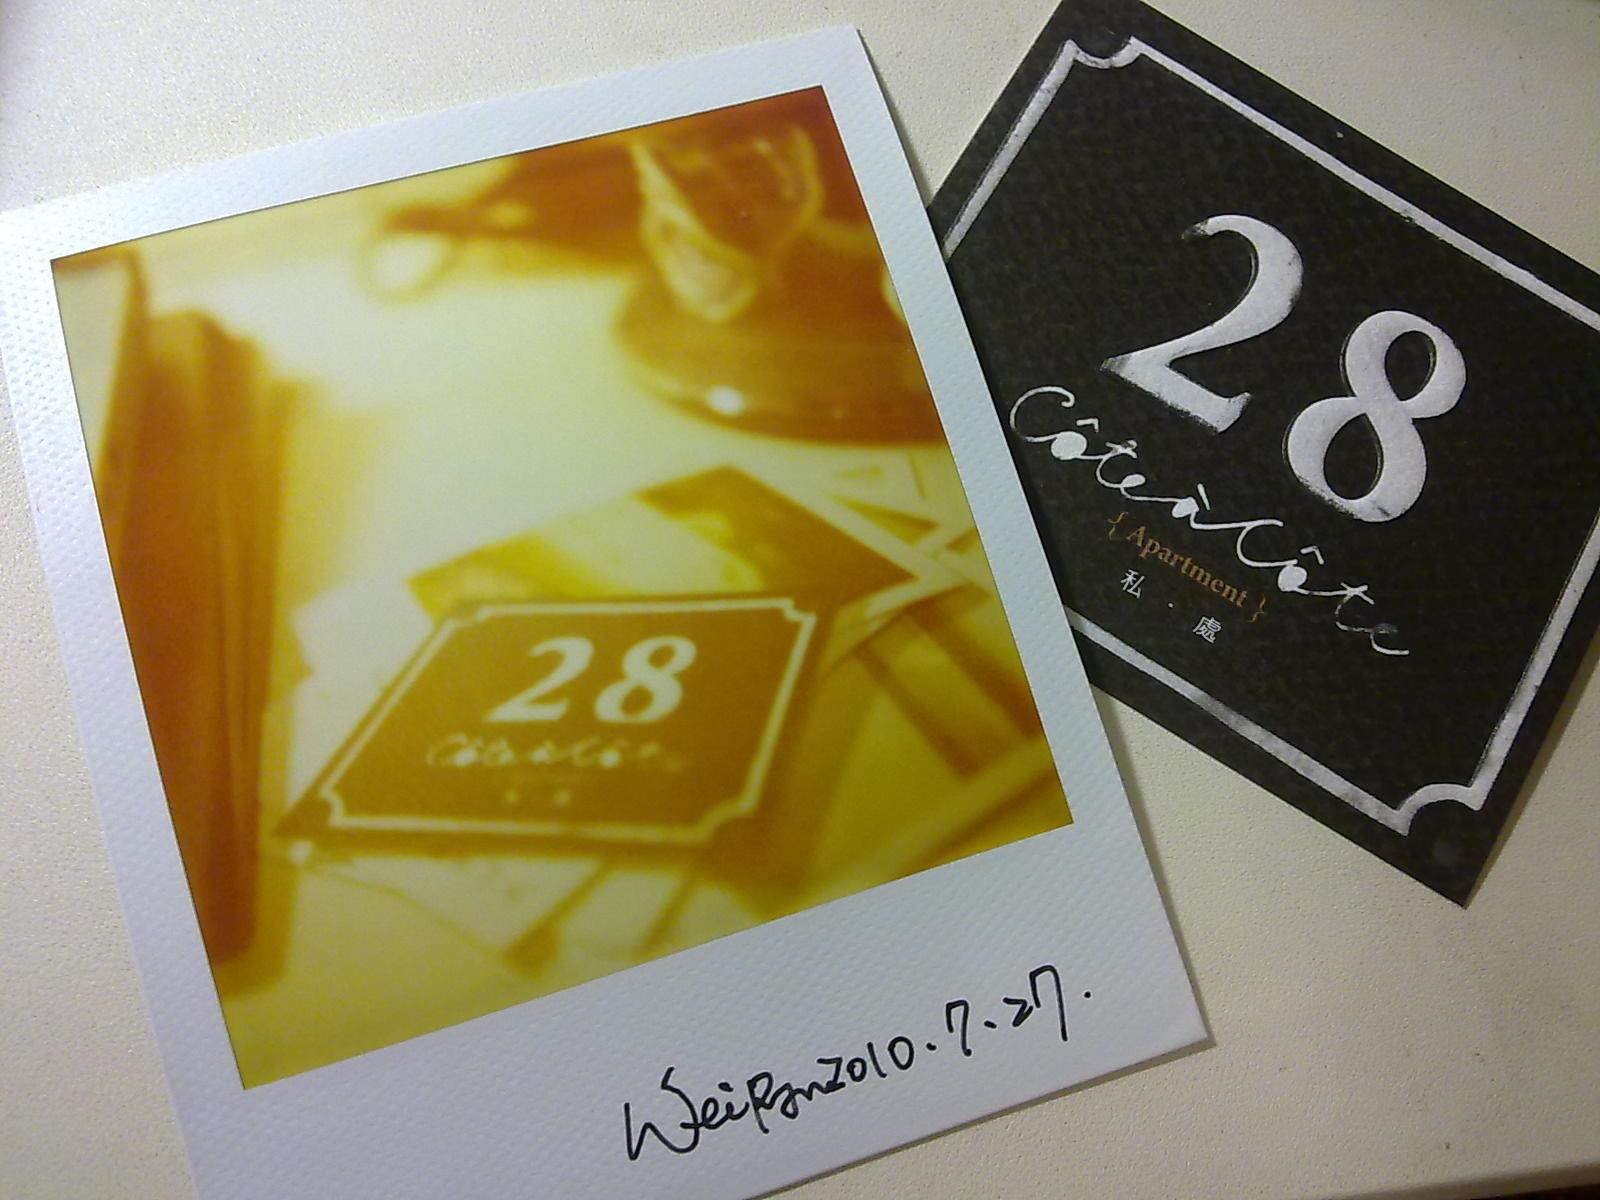 20100728258.jpg